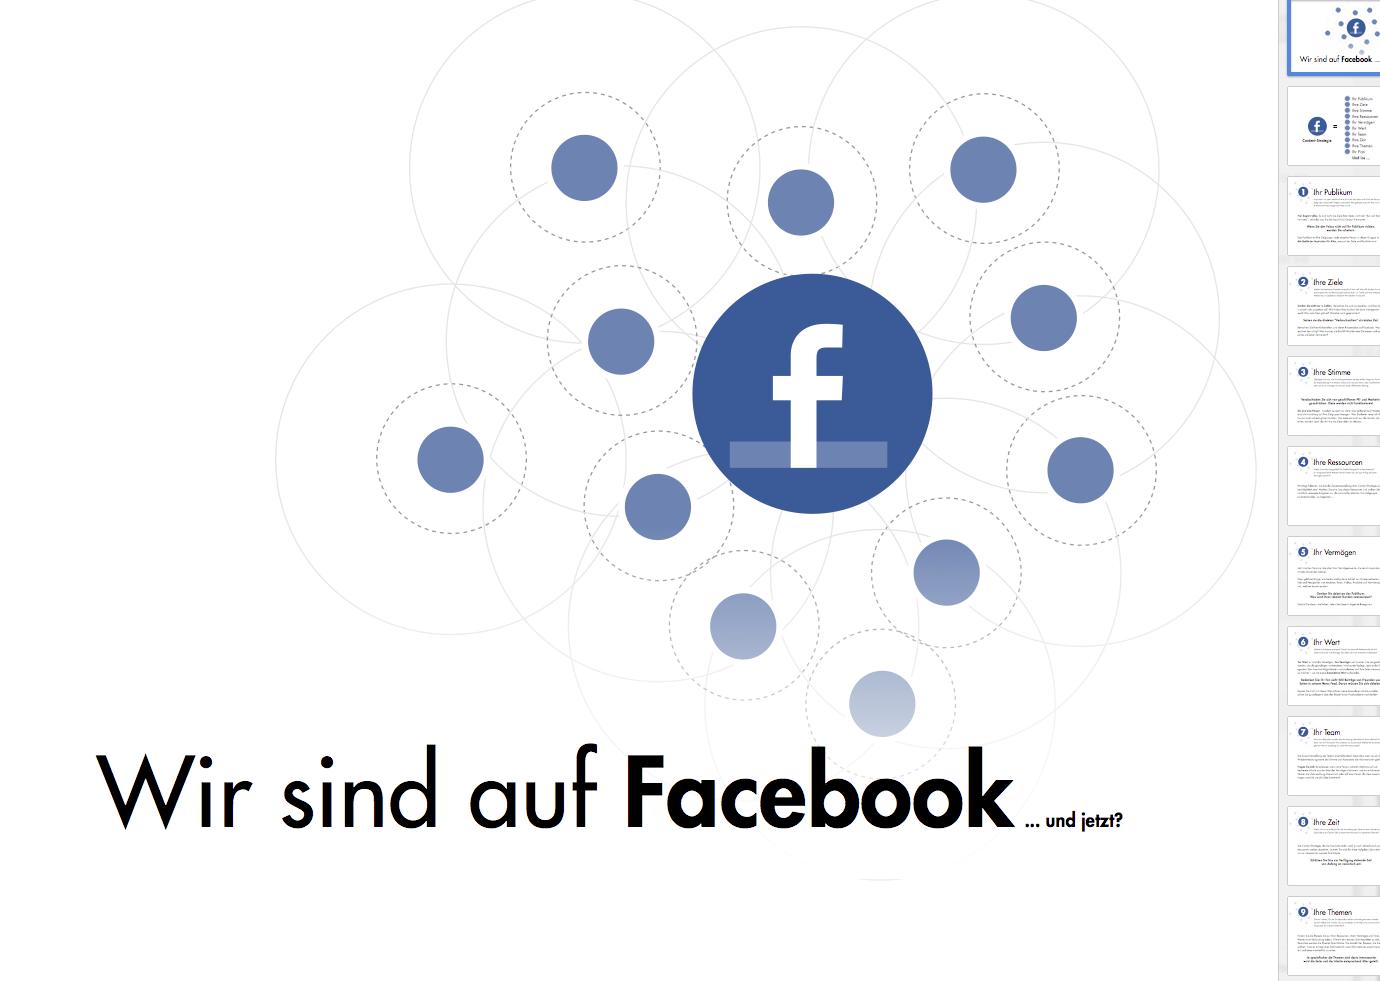 Wir sind auf Facebook… und jetzt?